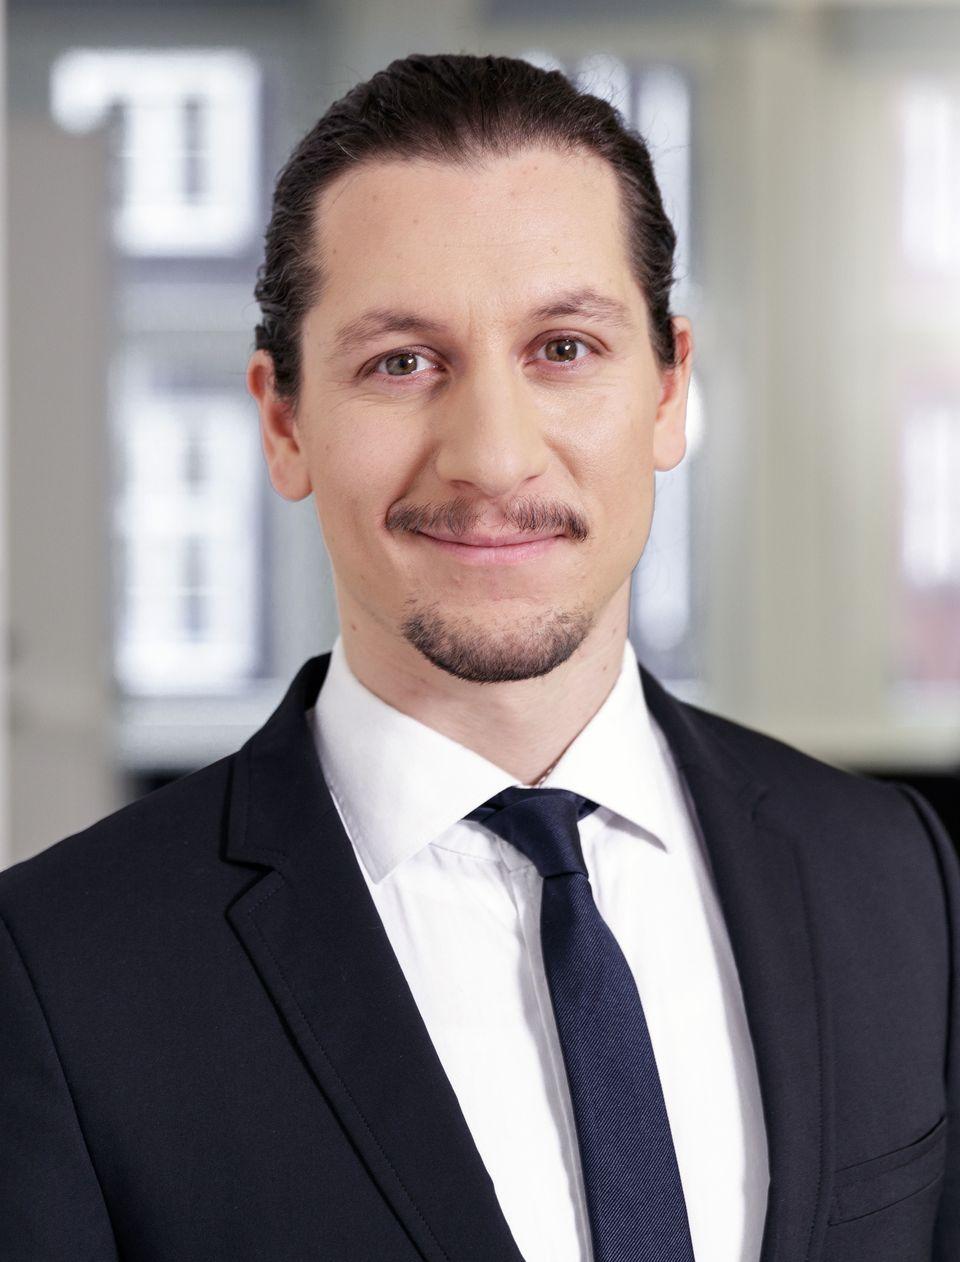 Alexander Pimperl ist promovierter Gesundheitsökonom und Geschäftsführer der Gesundes...